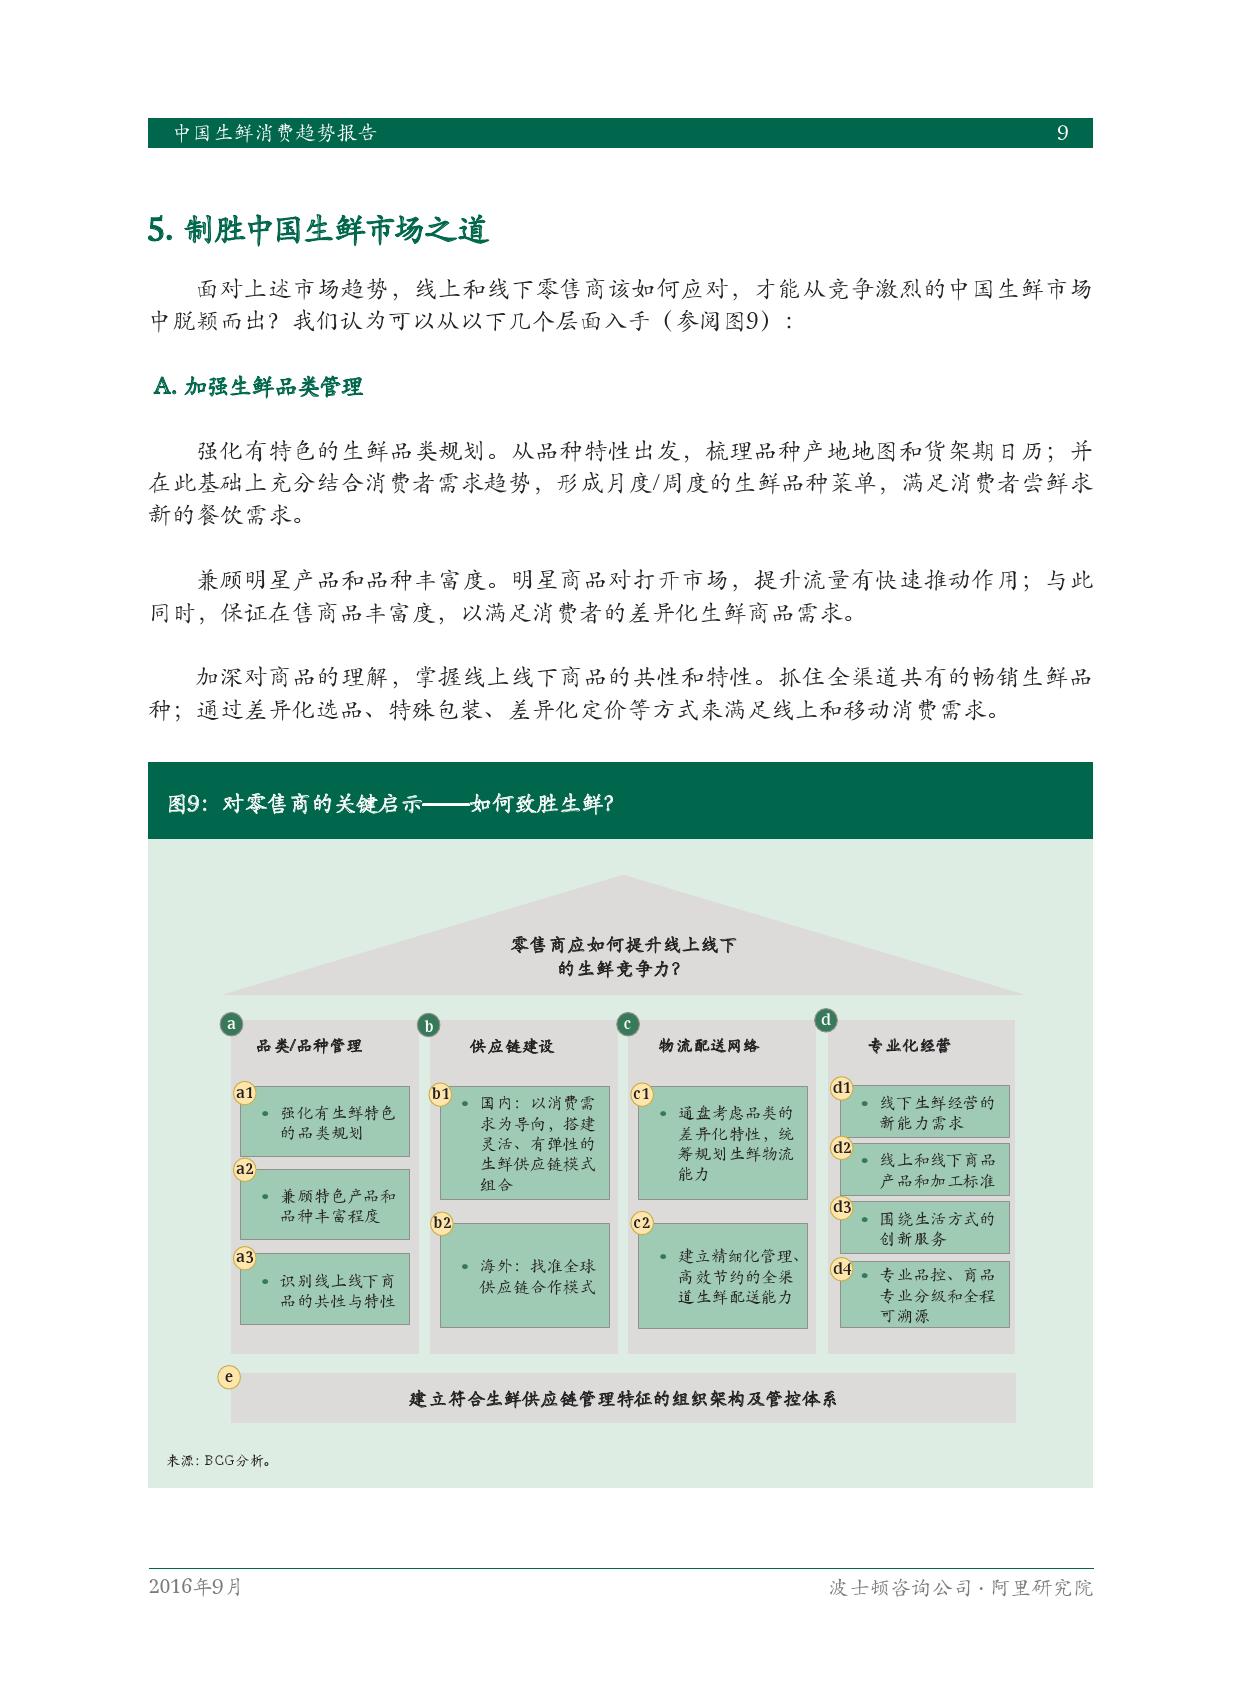 2016年中国生鲜消费趋势报告_000011